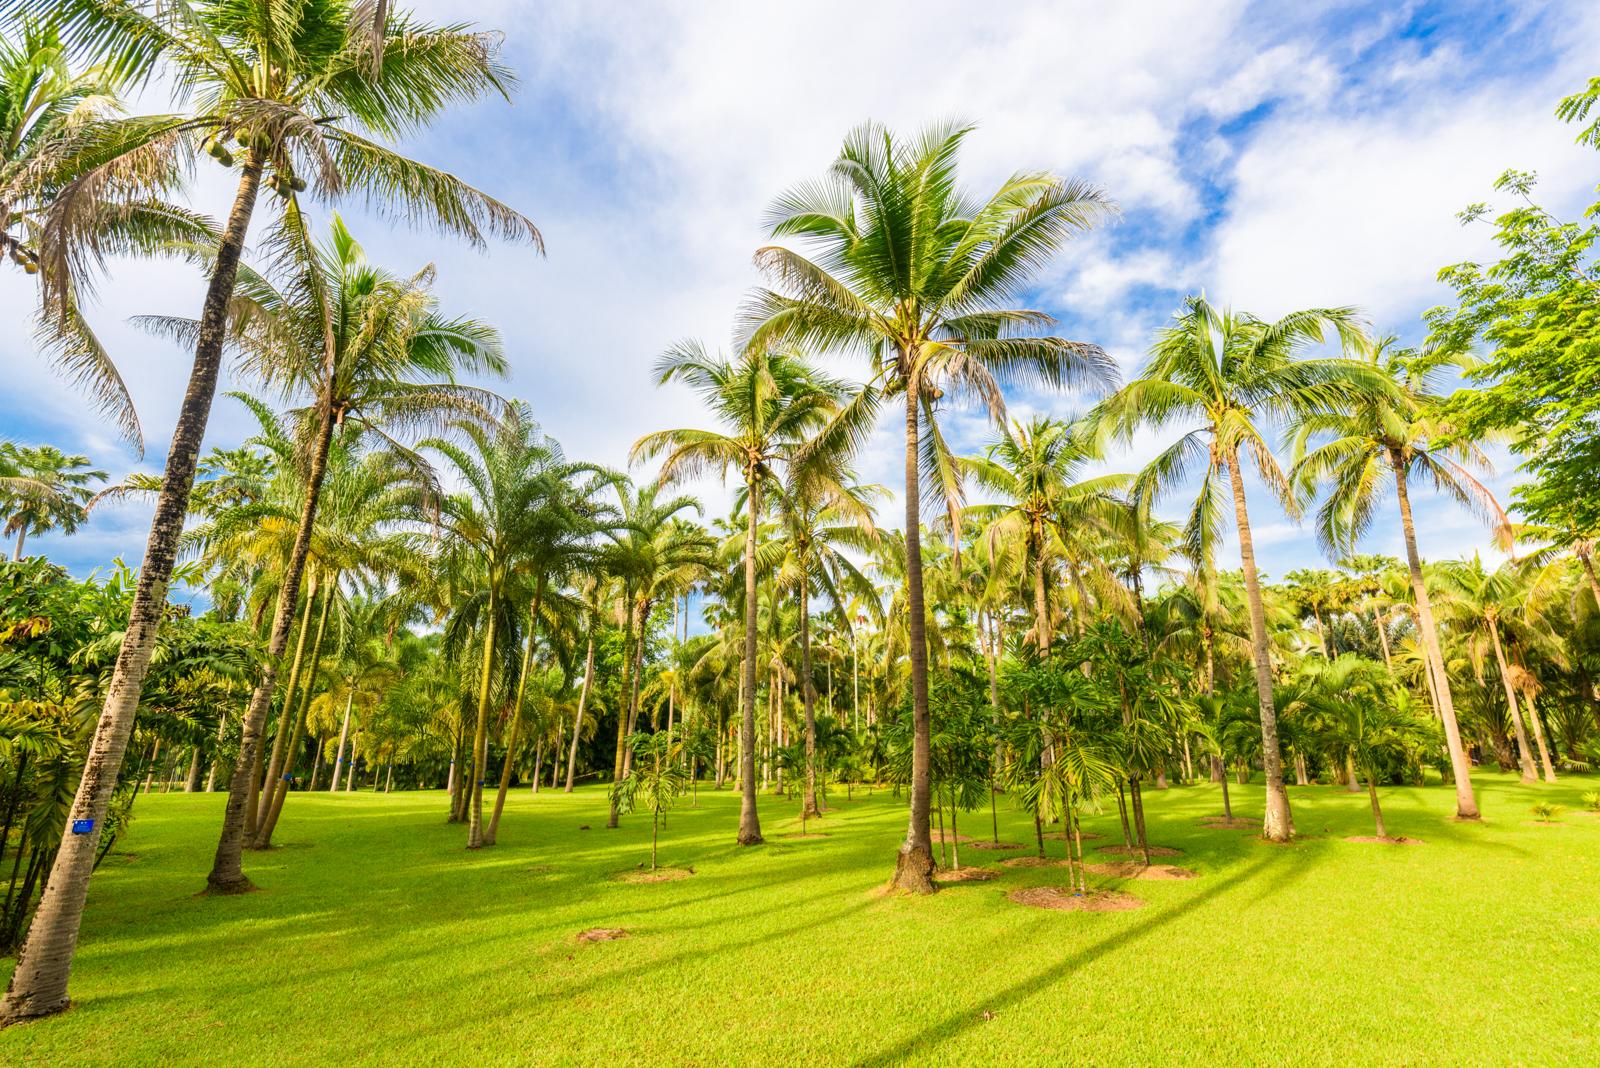 中科院西雙版納熱帶植物園